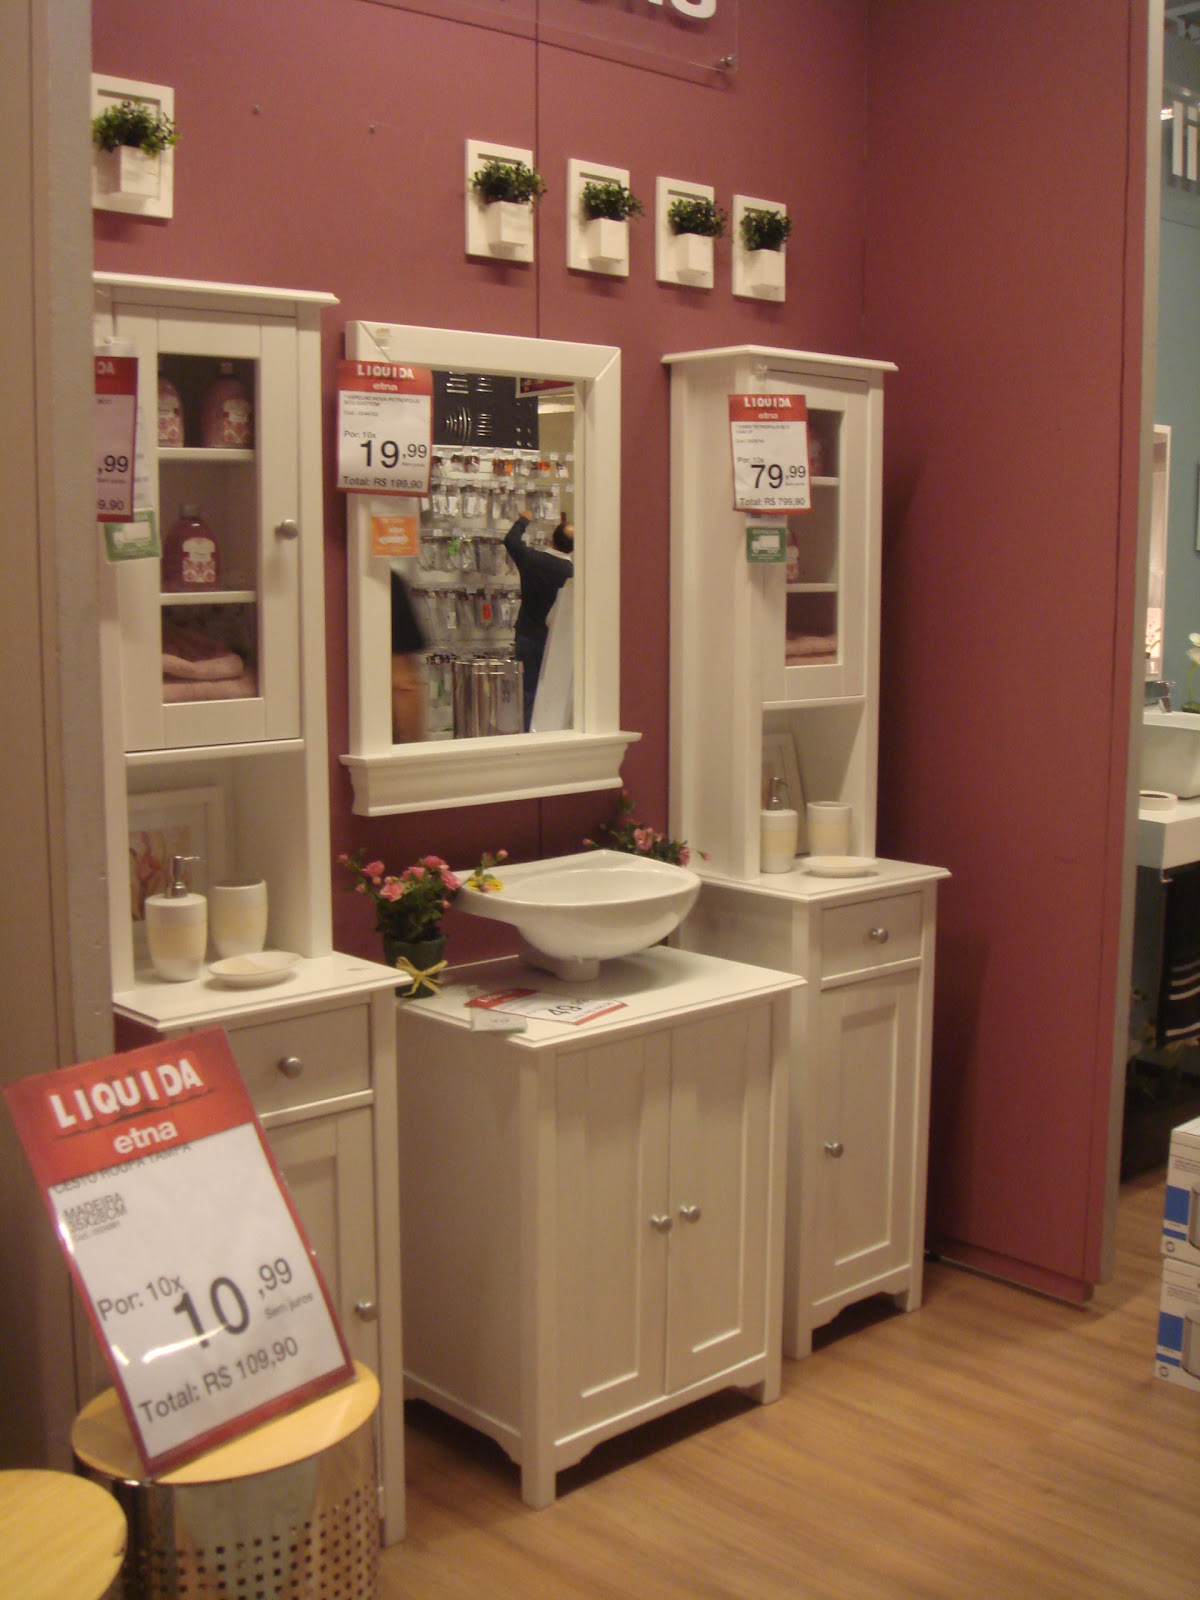 Banheiro feminino super romântico e outra vez o rosa antigo dá o  #984233 1200x1600 Armario Banheiro Antigo